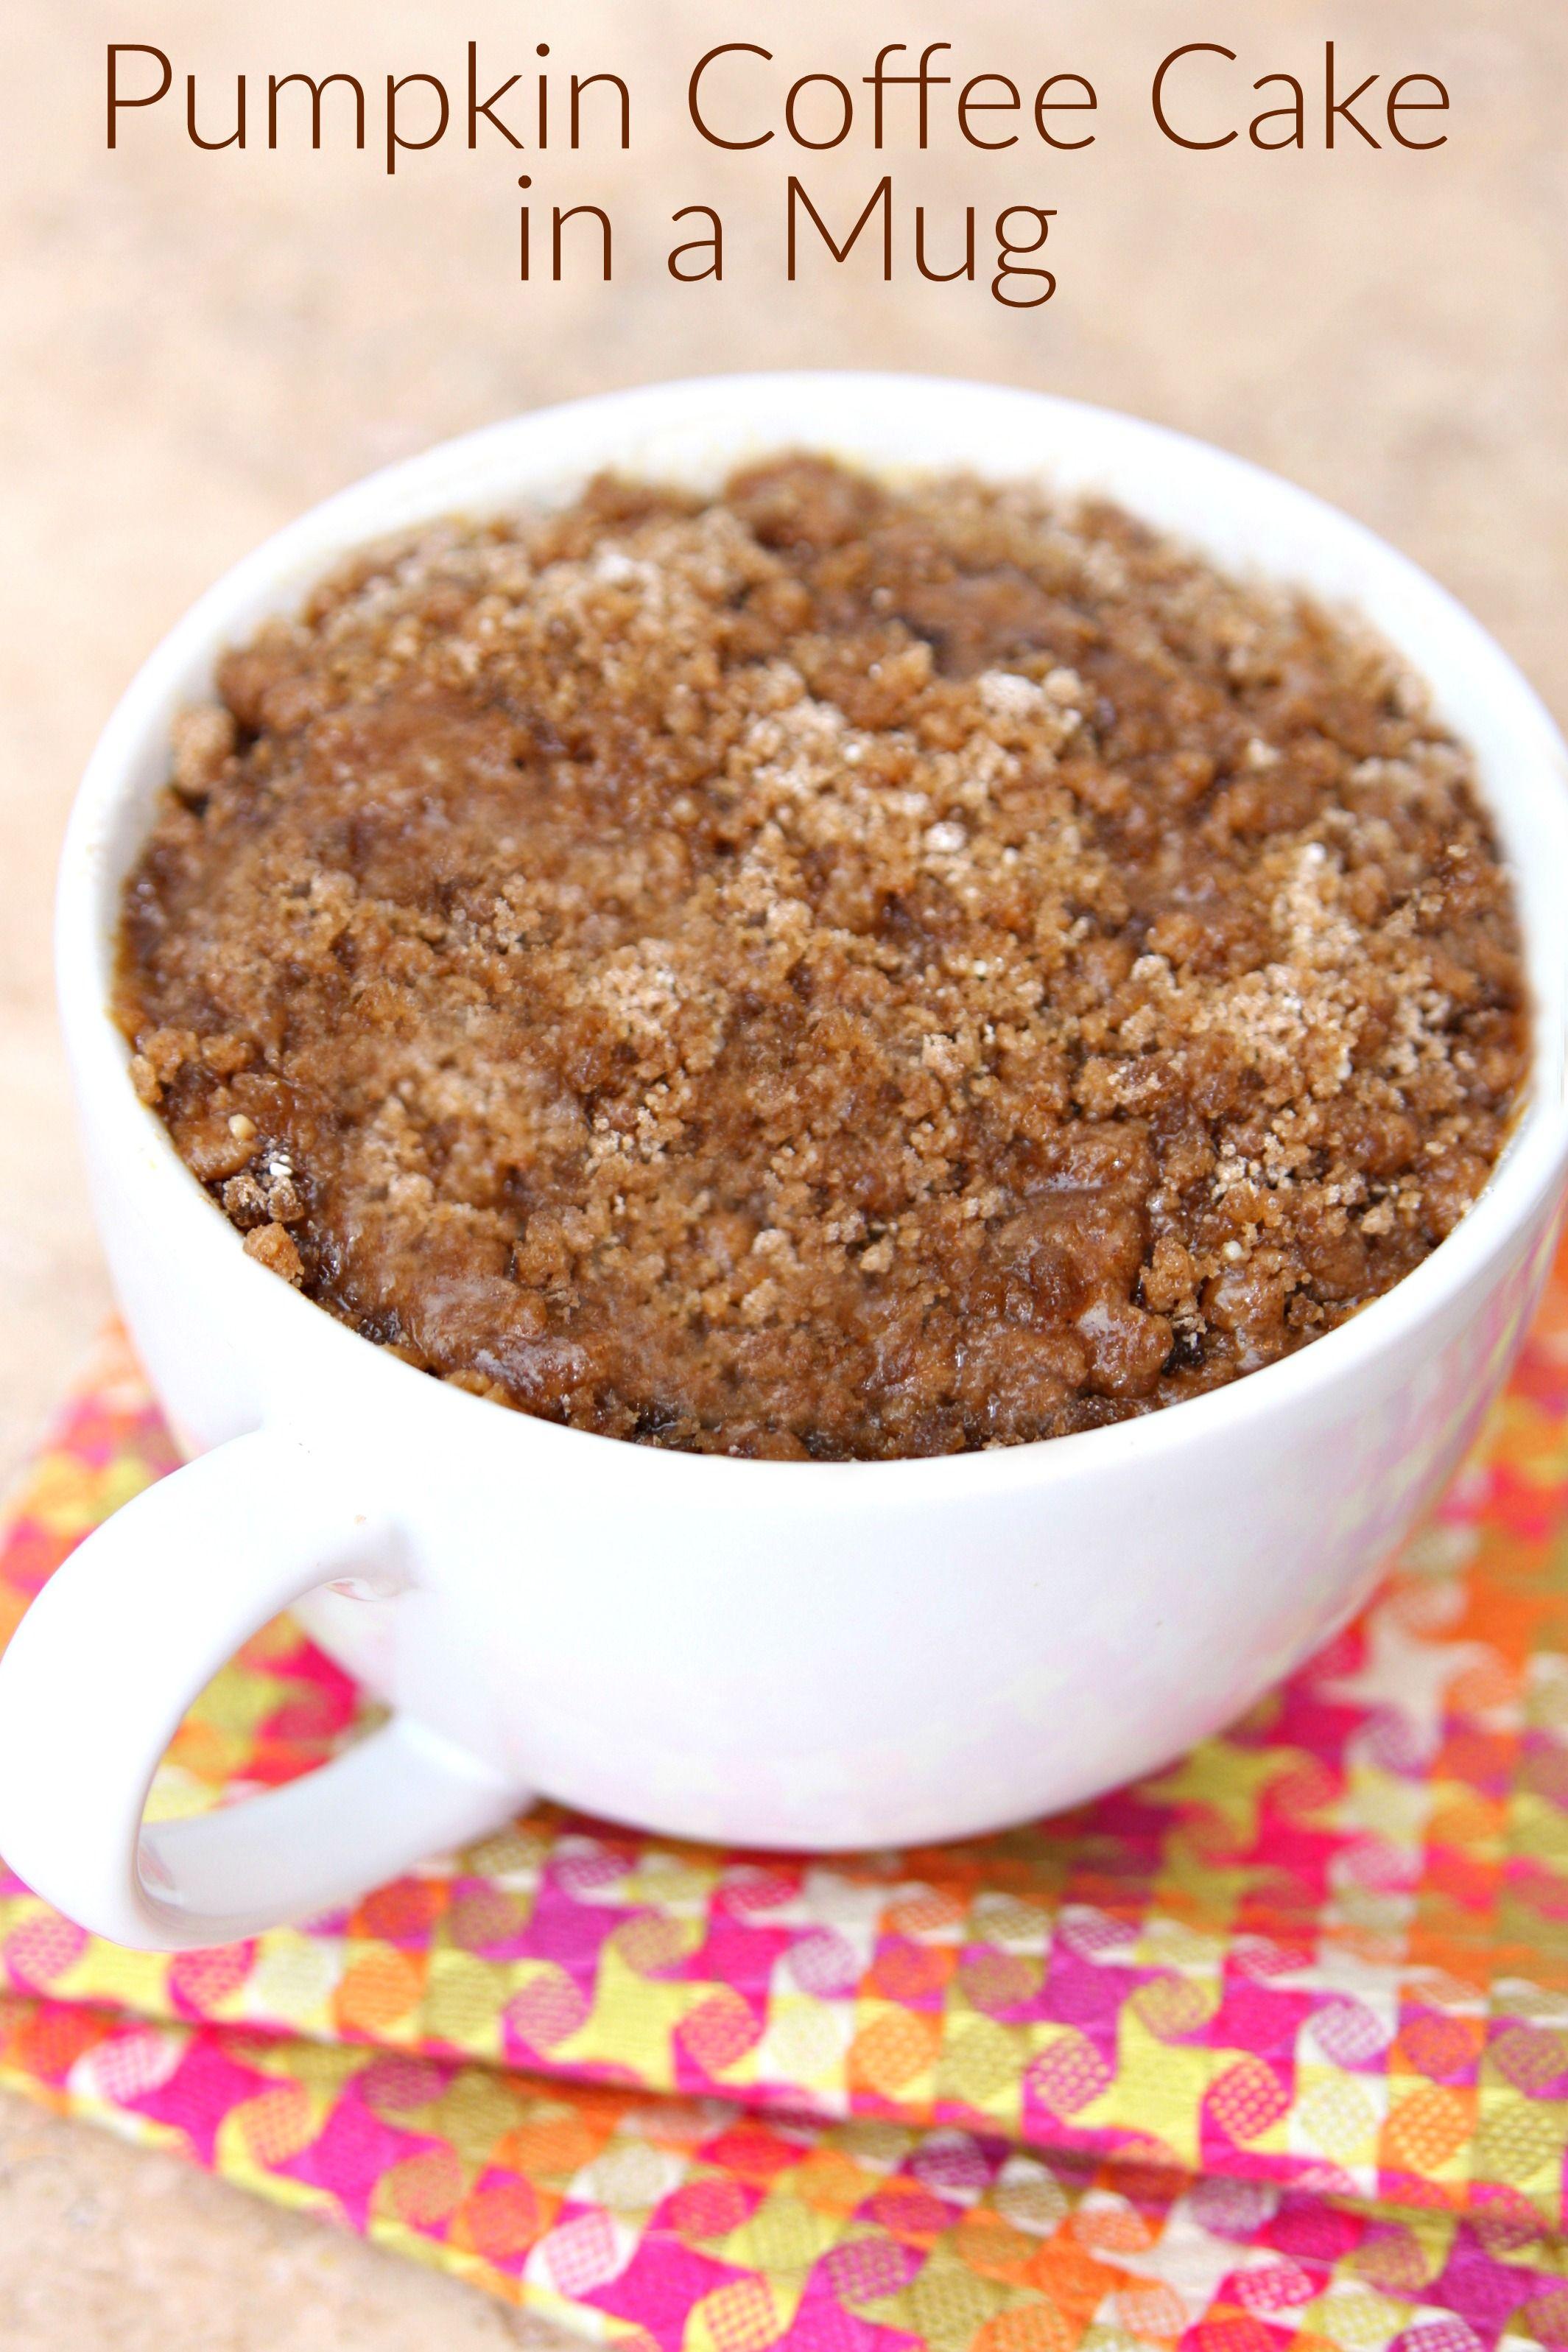 Pumpkin Coffee Cake in a Mug Recipe Pumpkin coffee